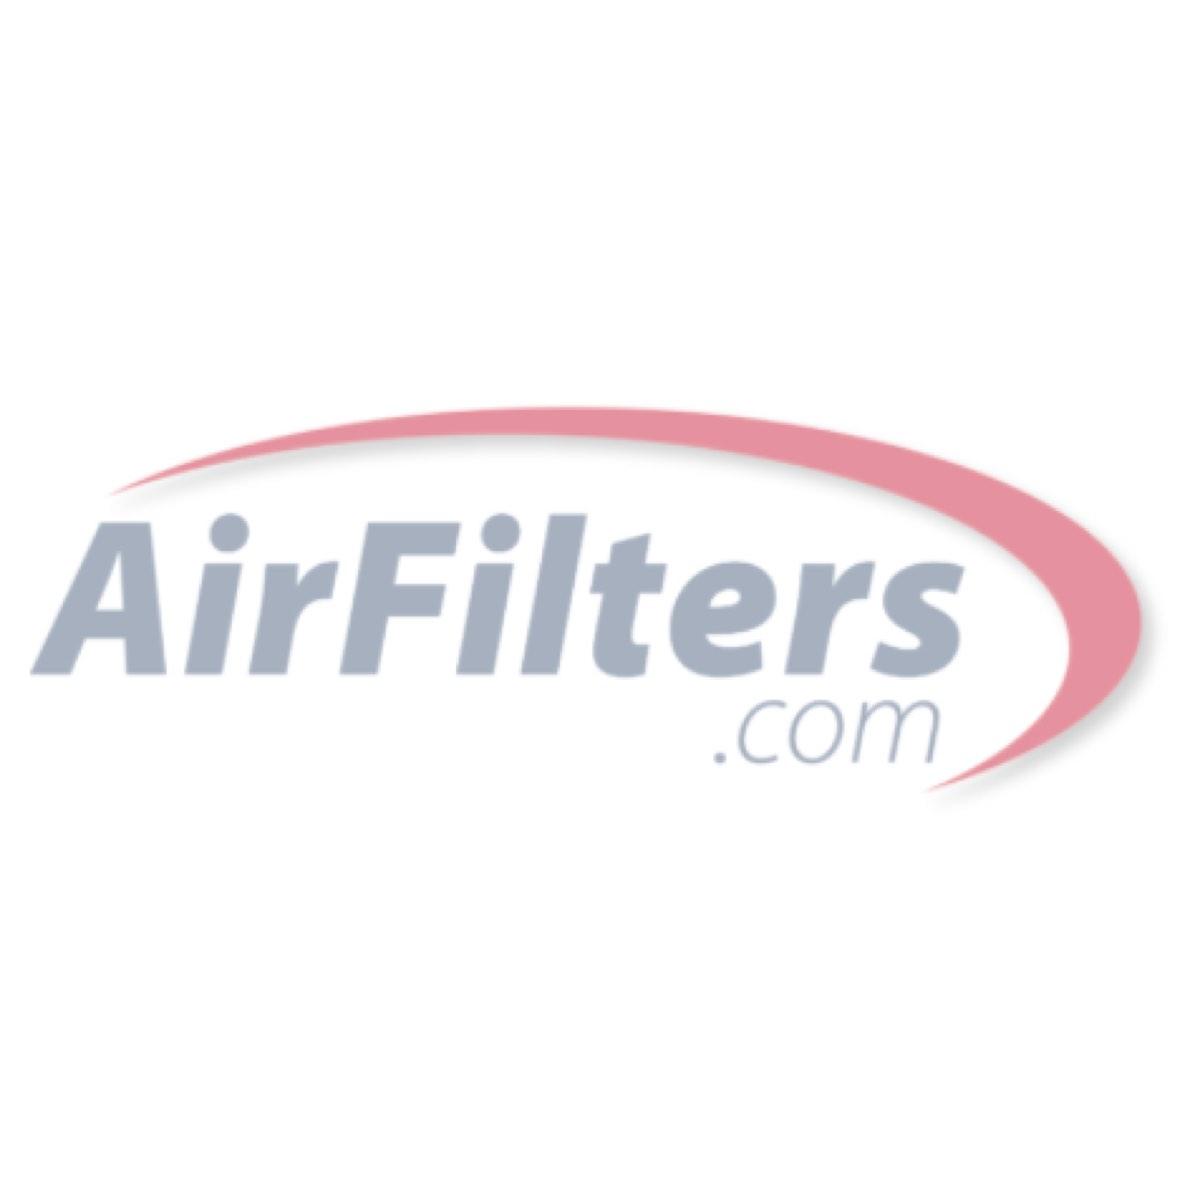 York® 20x20x5 (20.75x20.25x5.25) Air Filters by Accumulair®